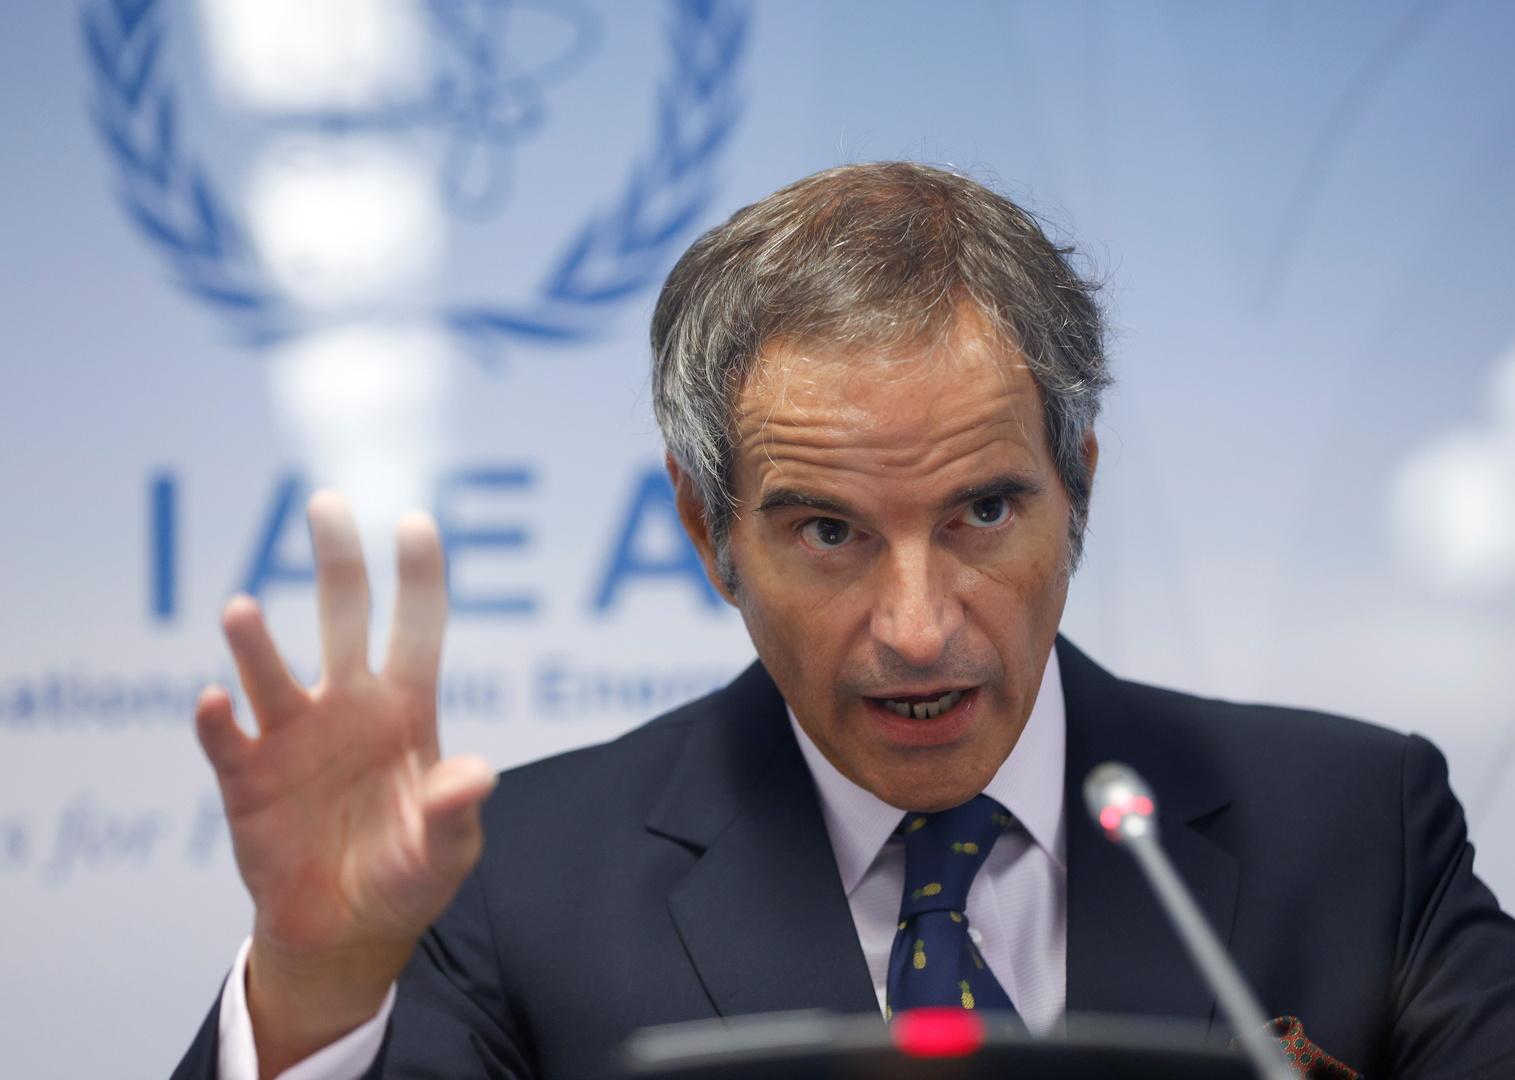 المدير العام للوكالة الدولية للطاقة الذرية رفائيل غروسي